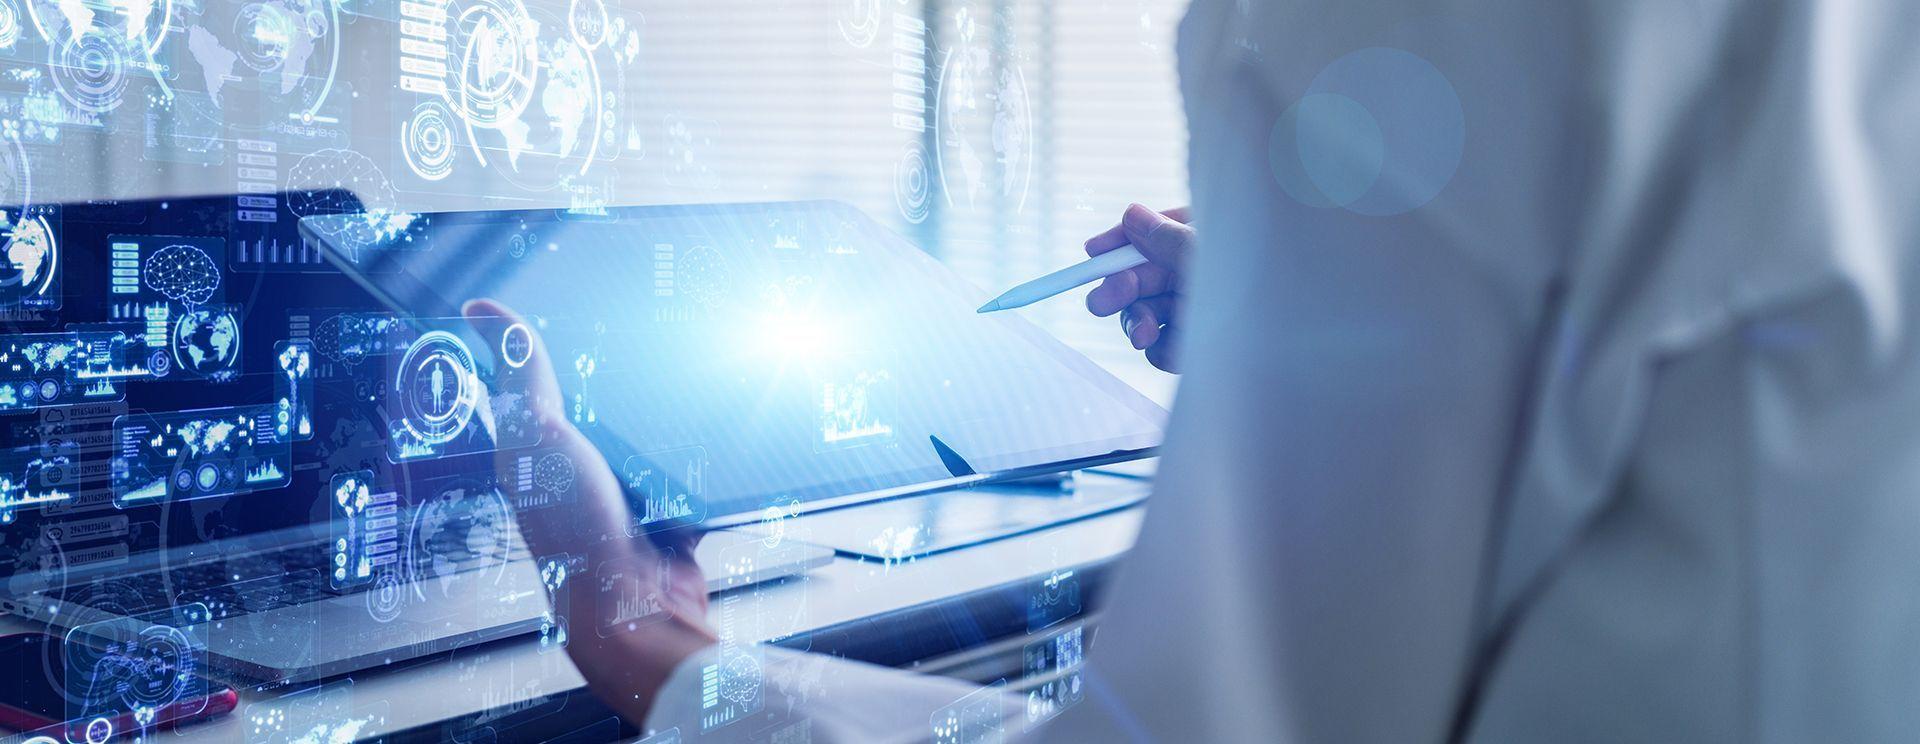 柯罗尼信贷房地产公司公布2020年第三季度盈利结果和电话会议日期